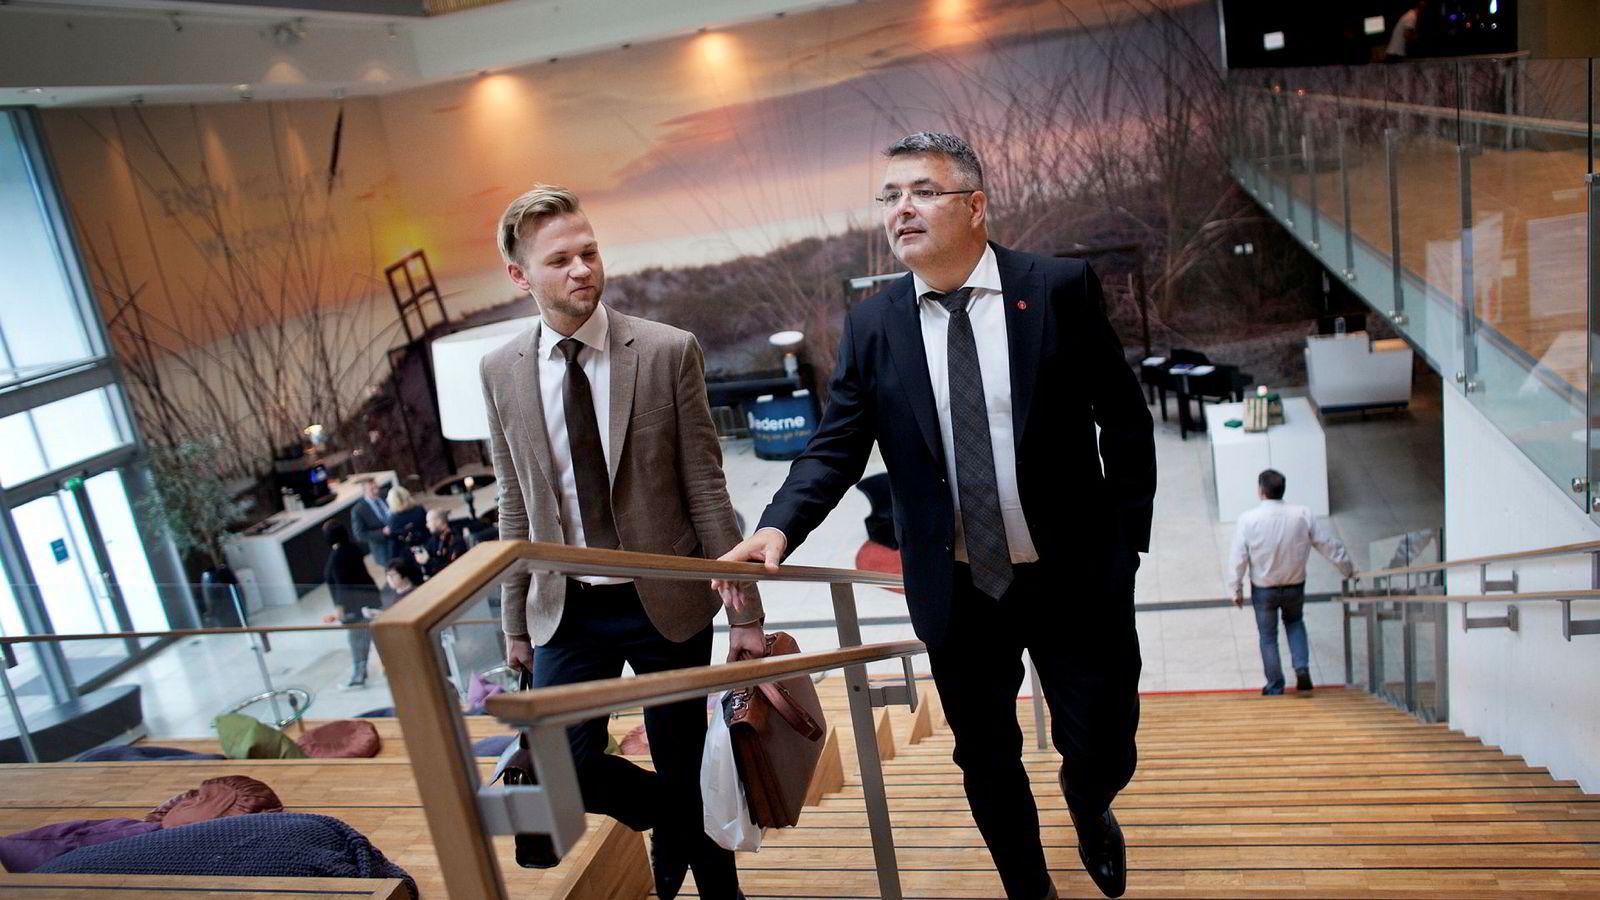 Olje- og energiminister Kjell-Børge Freiberg (til høyre) ønsker seg færre norske nettselskaper. Her er han sammen med tidligere politisk rådgiver Christian Haugen.